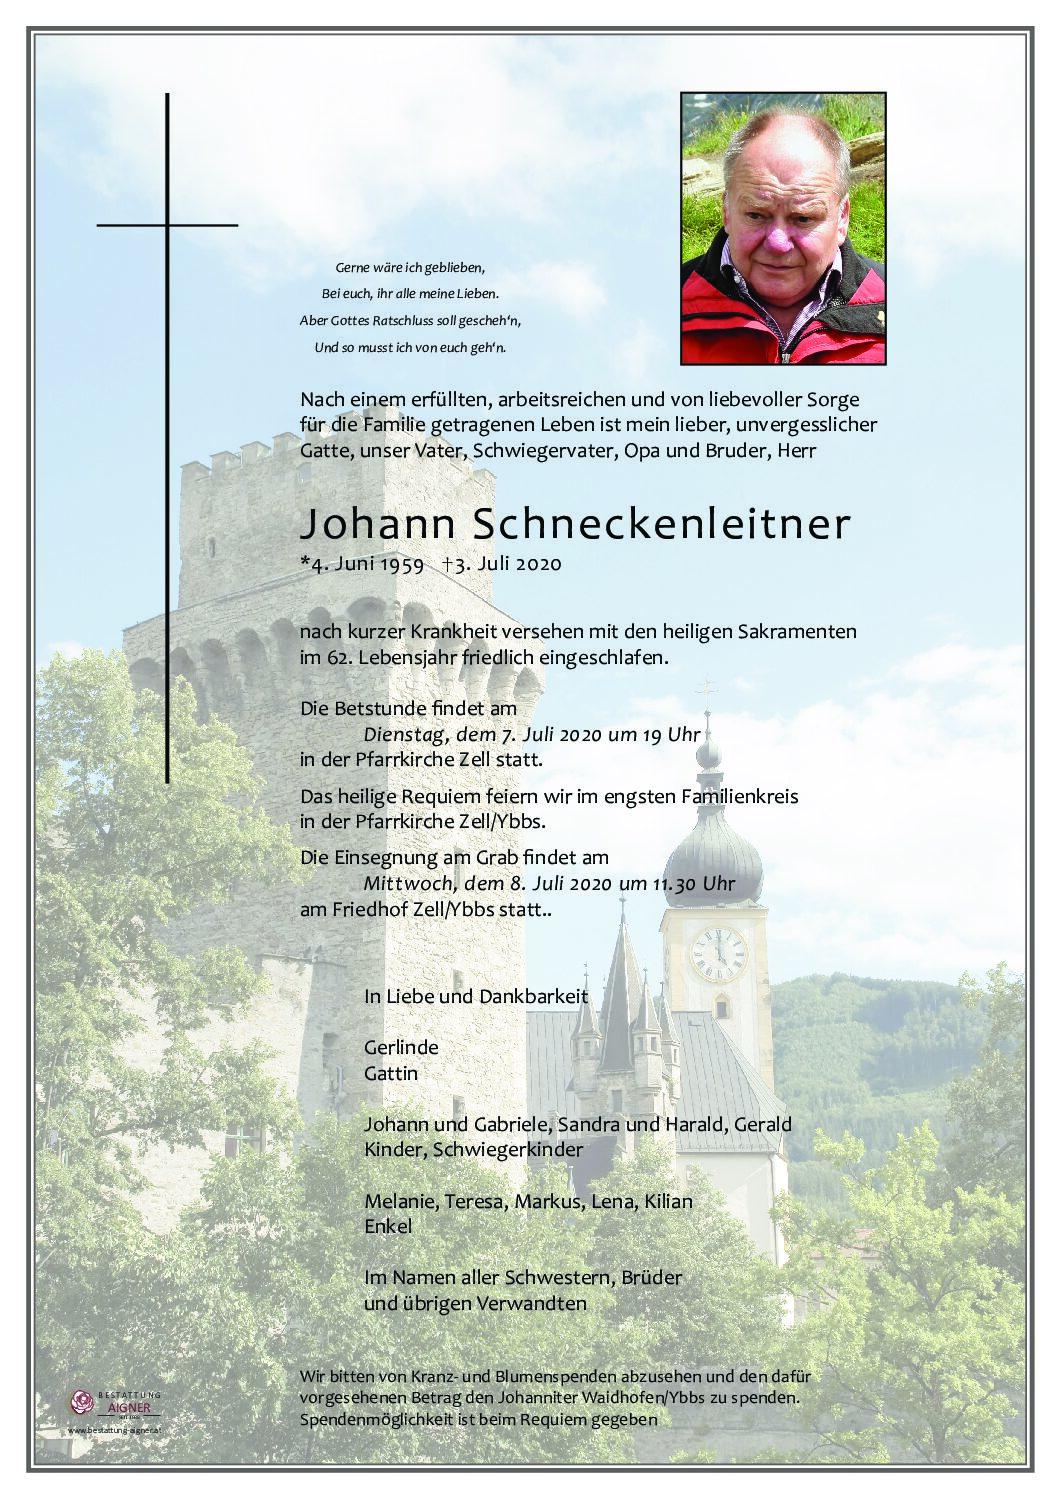 Johann Schneckenleitner